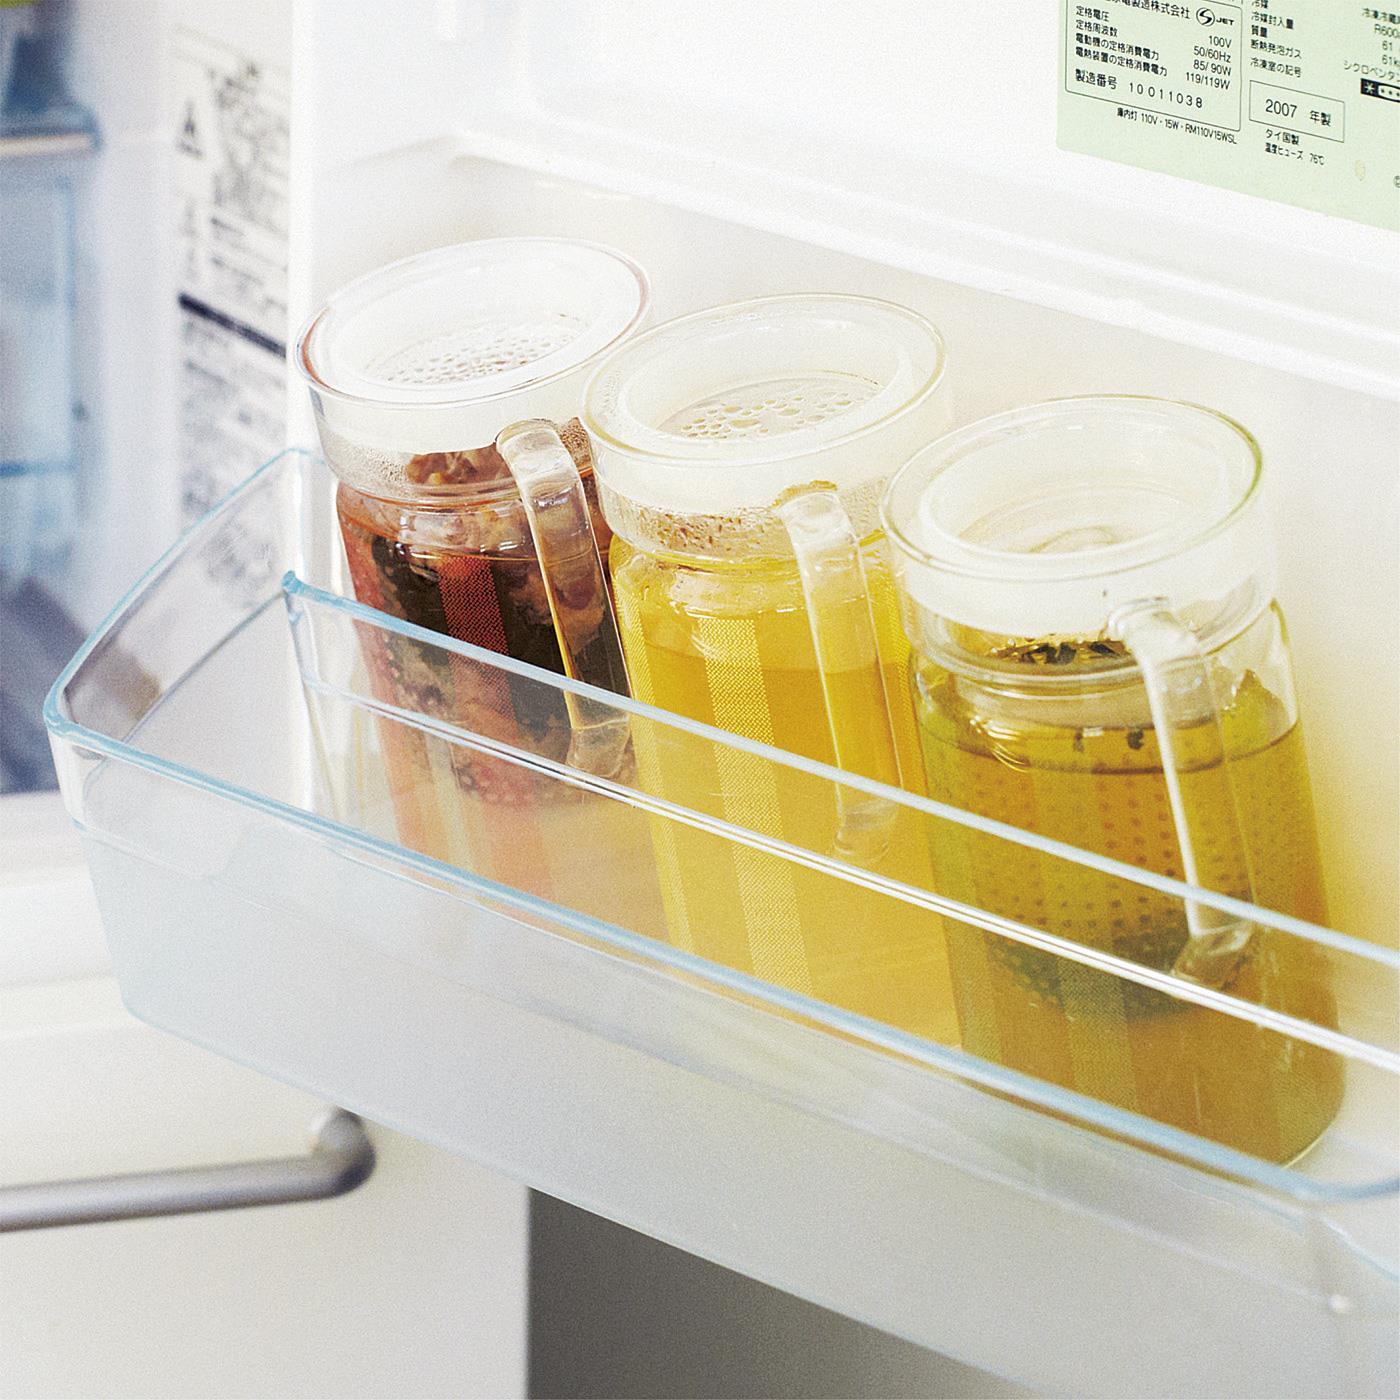 冷蔵庫のドアポケットに入るスリムサイズ。たくさん集めて、だしやお茶の種類ごとに使い分けて。